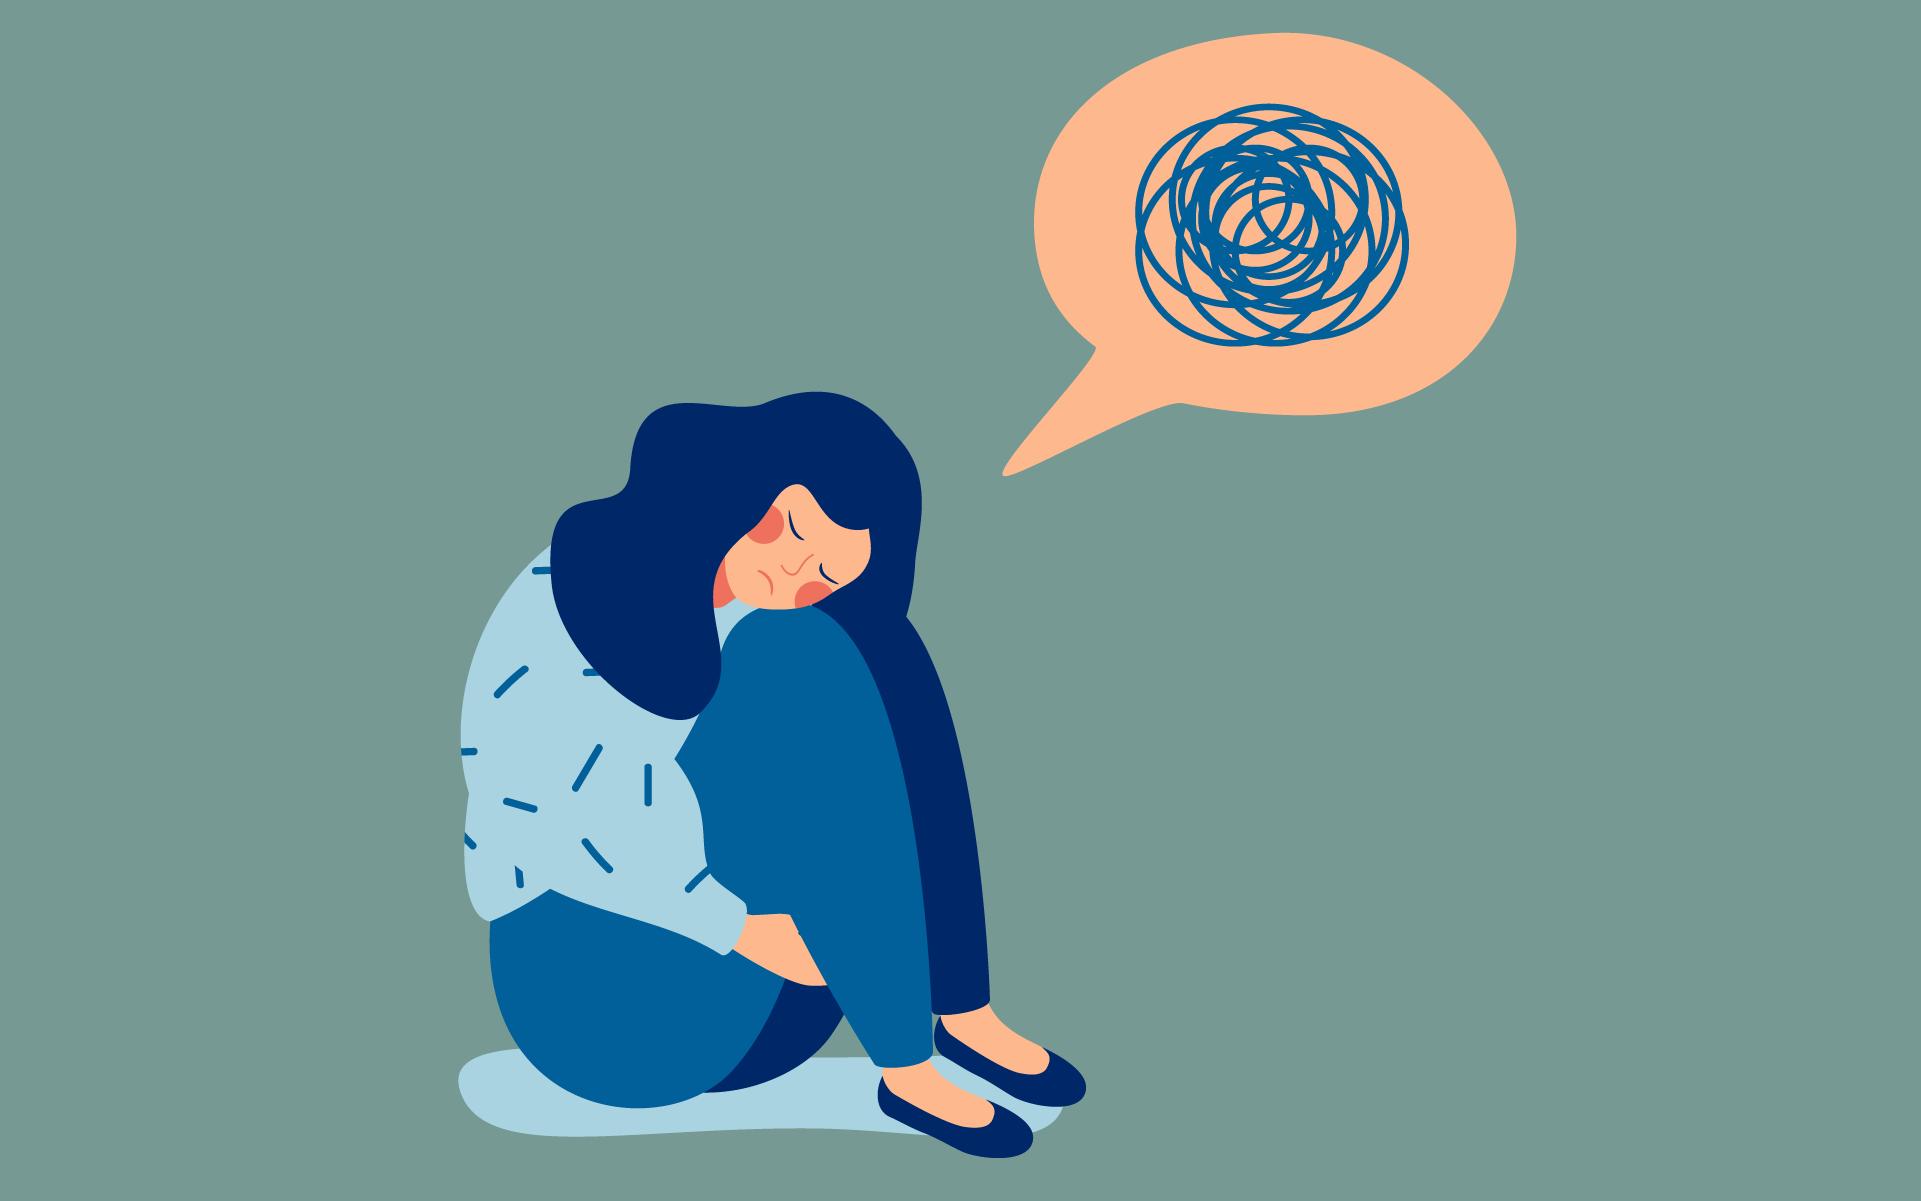 کاهش اضطراب در دوران بحران